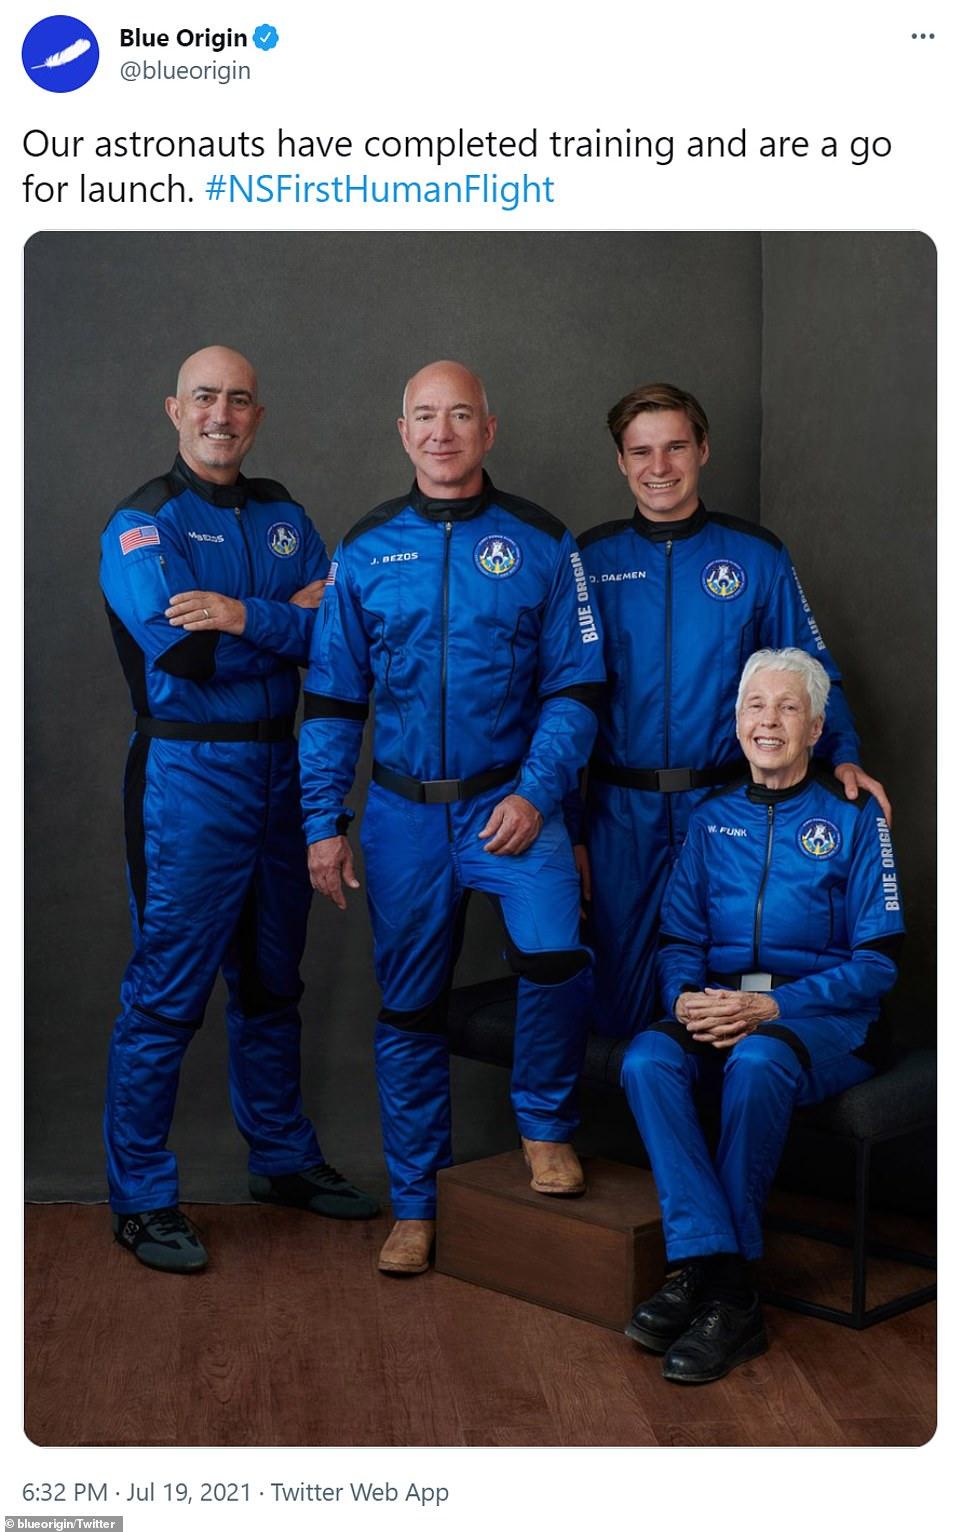 أغنى رجل بالعالم إلى الفضاء.. جيف بيزوس واللحظات الأخيرة قبل التحليق (فيديو وصور)